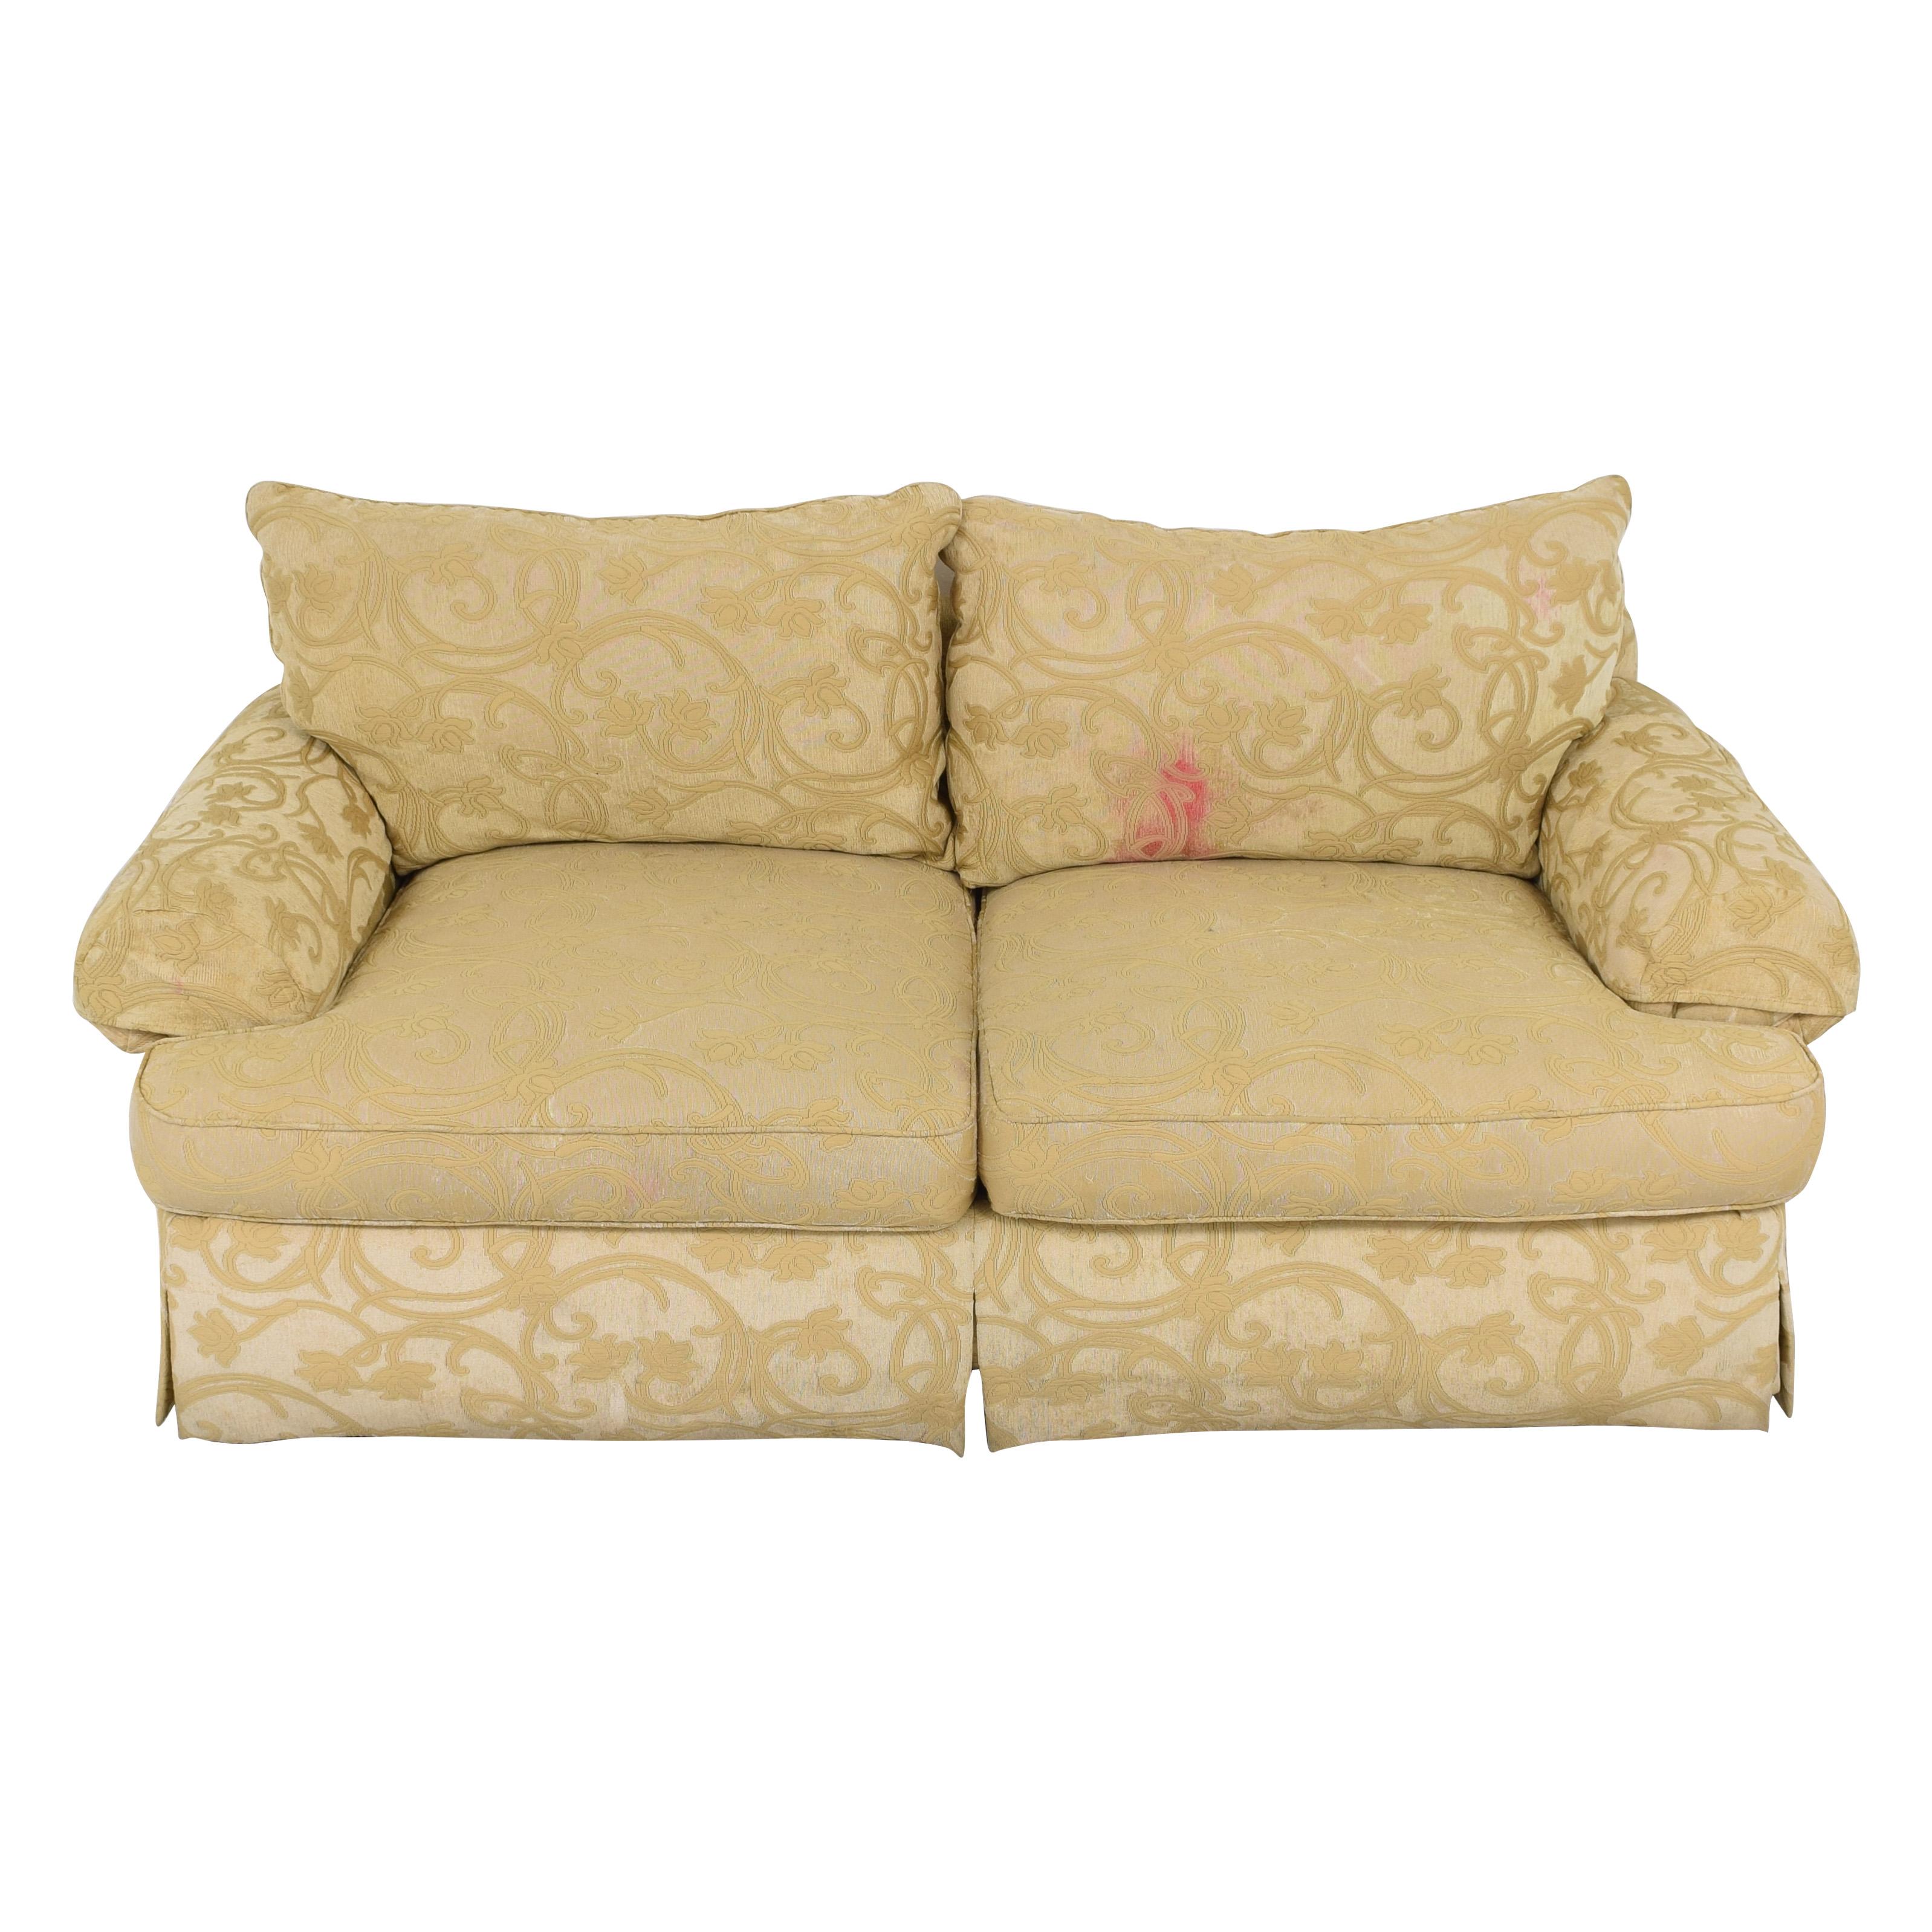 Thomasville Thomasville Slipcovered Sofa